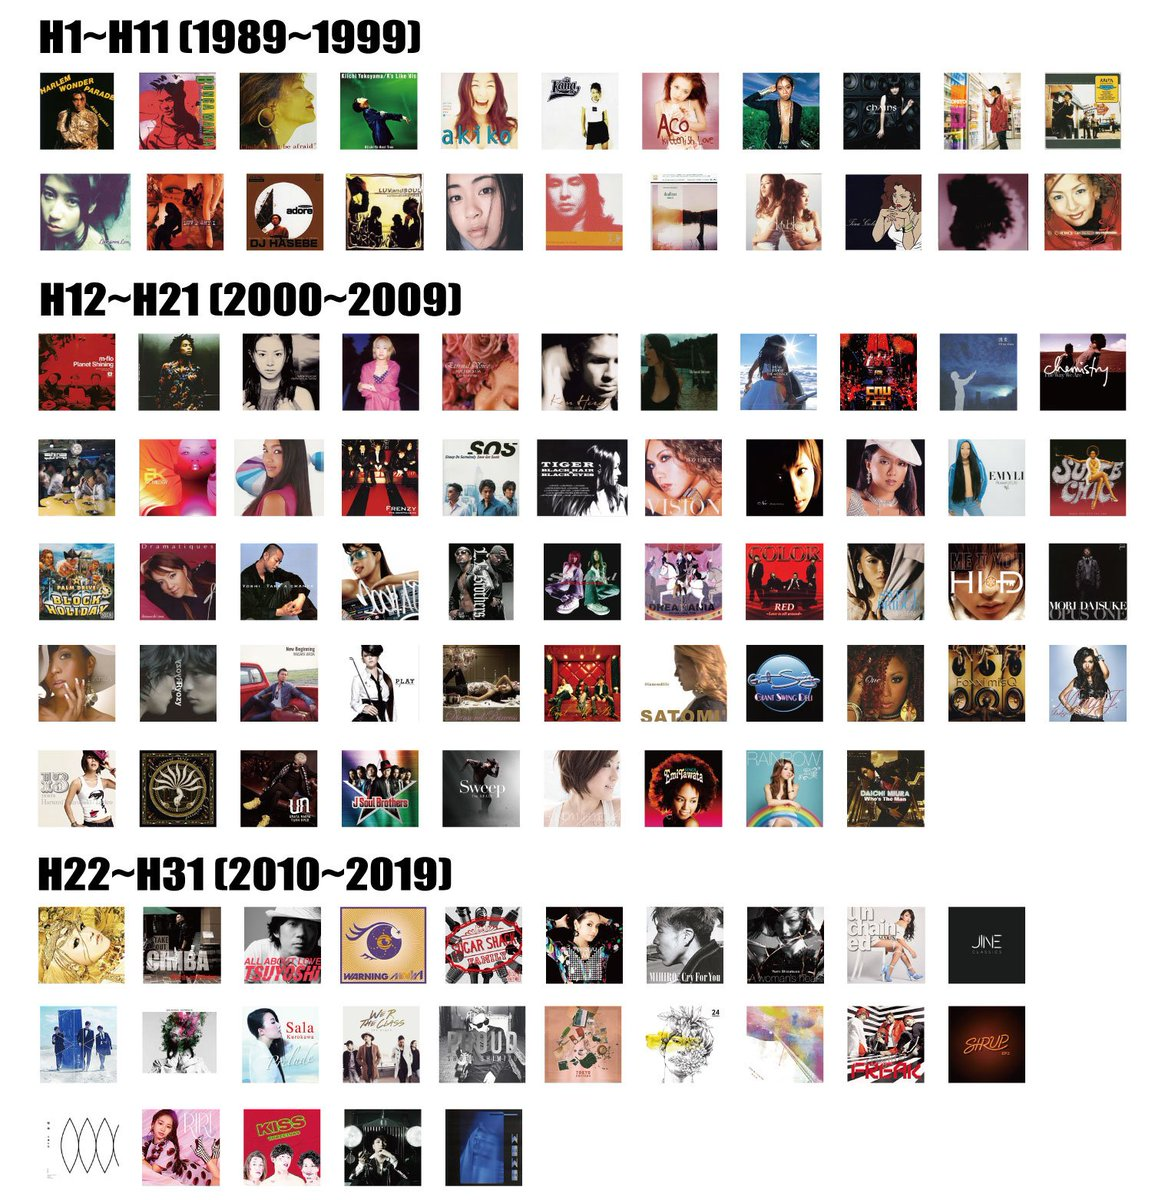 「平成のJ-R&Bアルバム」を100枚厳選し、レビューしました。当たり前ですが全部名作です。J-R&Bオタクが選ぶ「令話に聴きたい平成のアルバム100選」・Part.1(1-50作品)・Part.2(51-100作品)ネタバレは画像をどうぞ↓